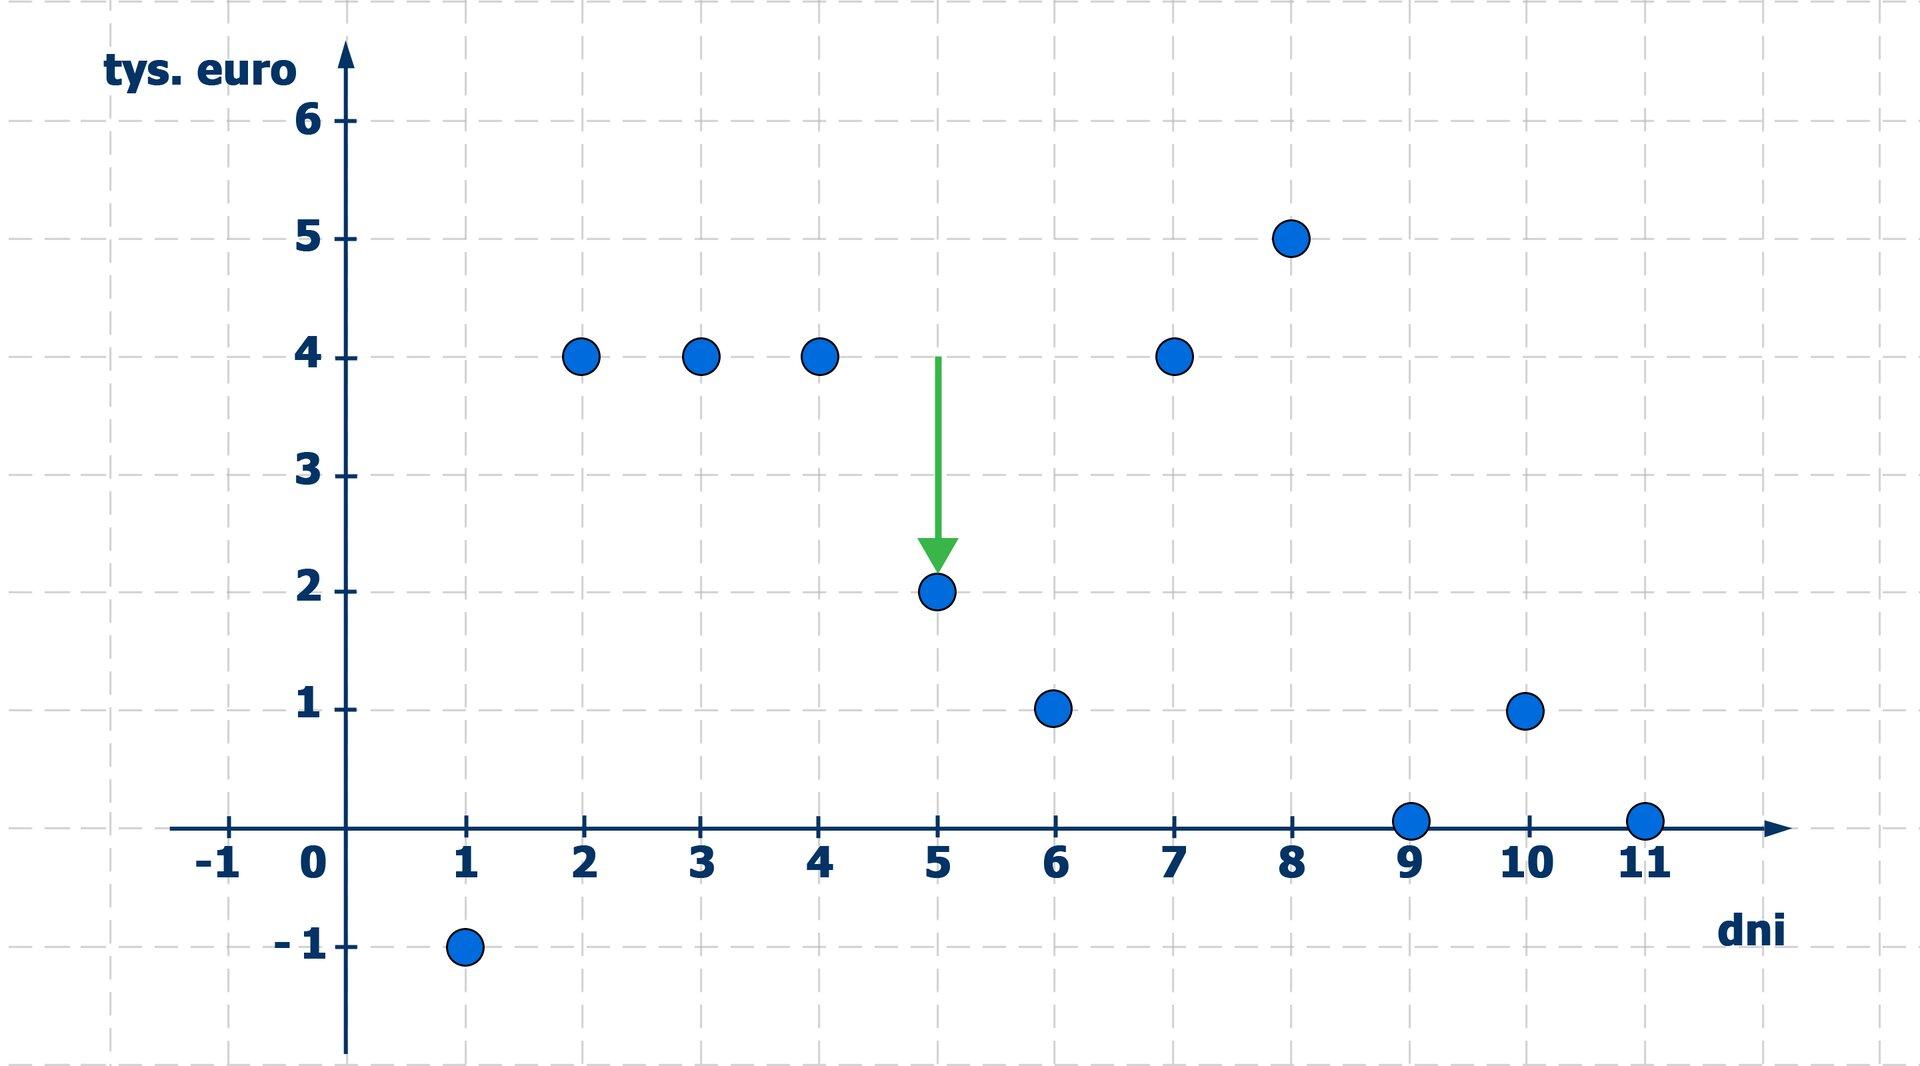 Wykres stanu konta, na którym strzałka skierowana wdół pokazuje zmniejszenie stanu konta wpiątym dniu miesiąca o2 tysiące złotych.